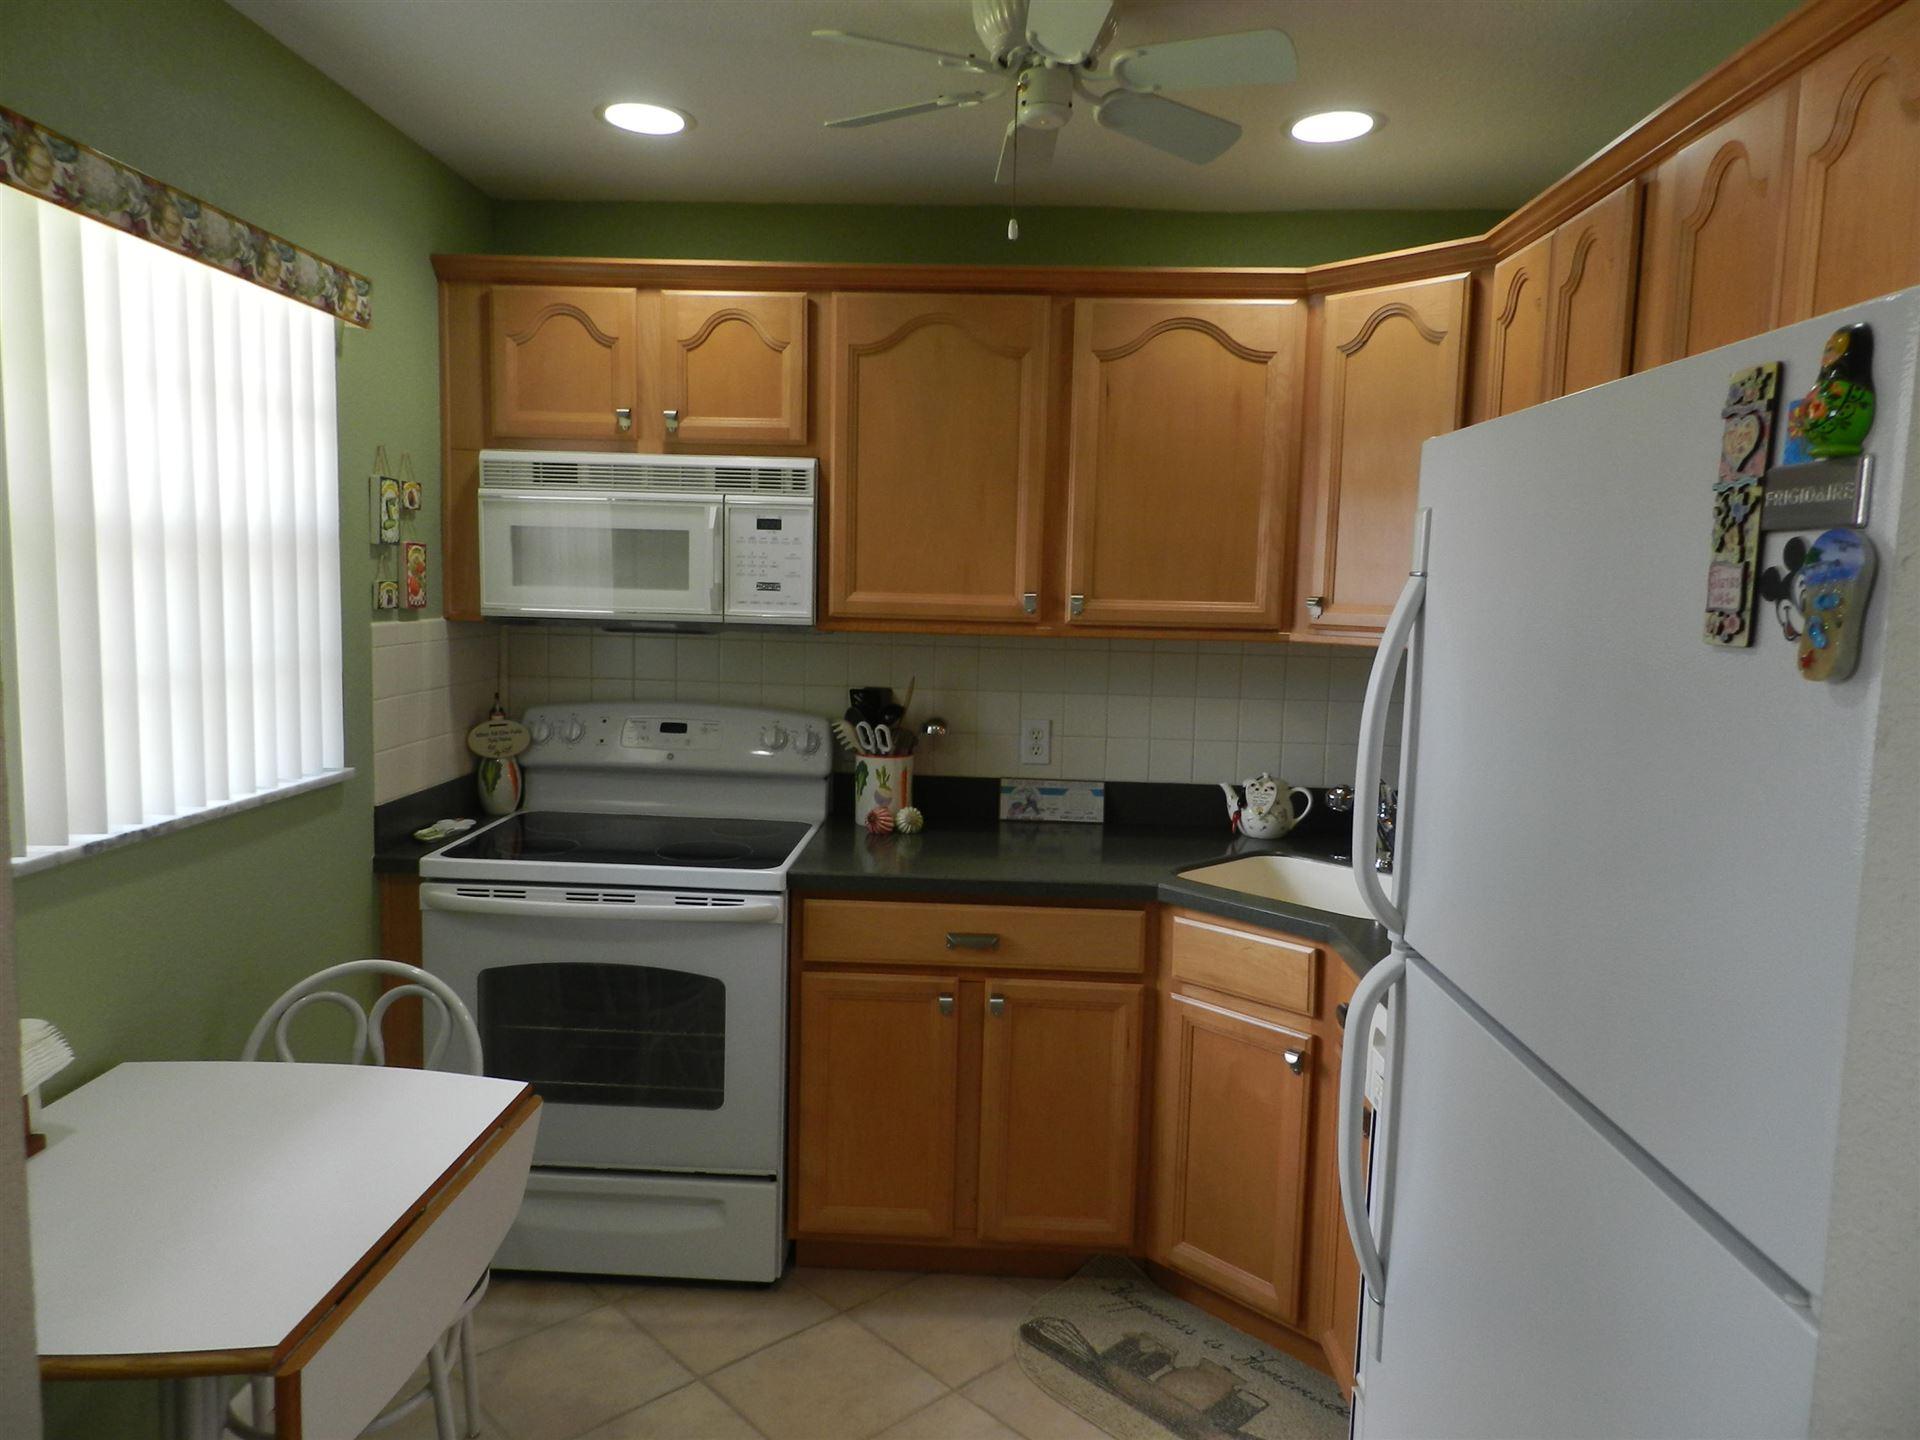 12013 Greenway Village South #107, Royal Palm Beach, FL 33411 - MLS#: RX-10709418